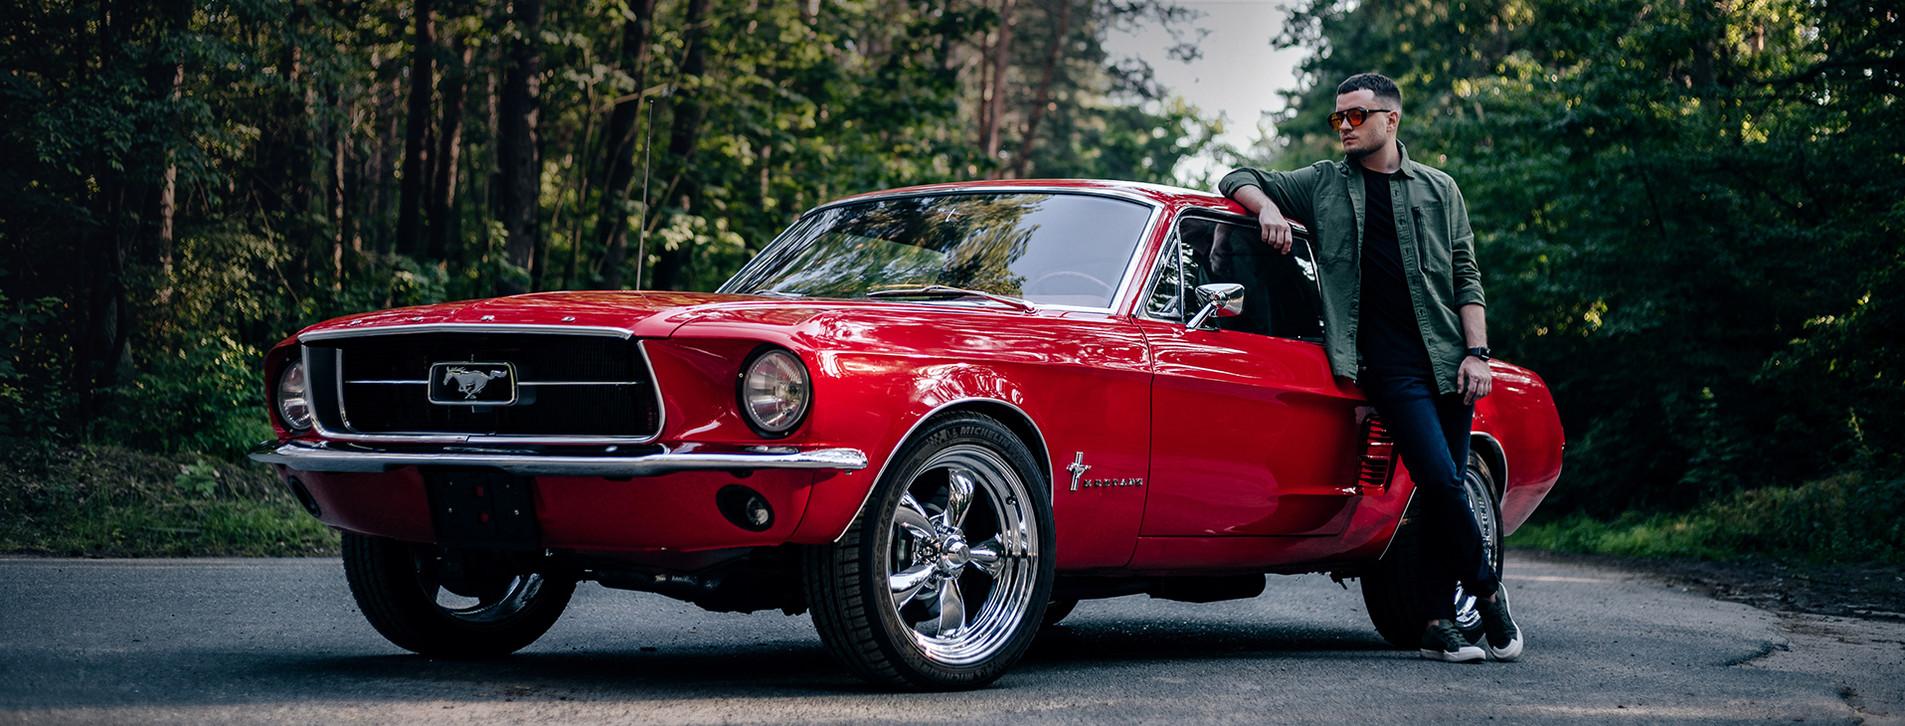 Фото - Тест-драйв ретрокара Ford Mustang 1967